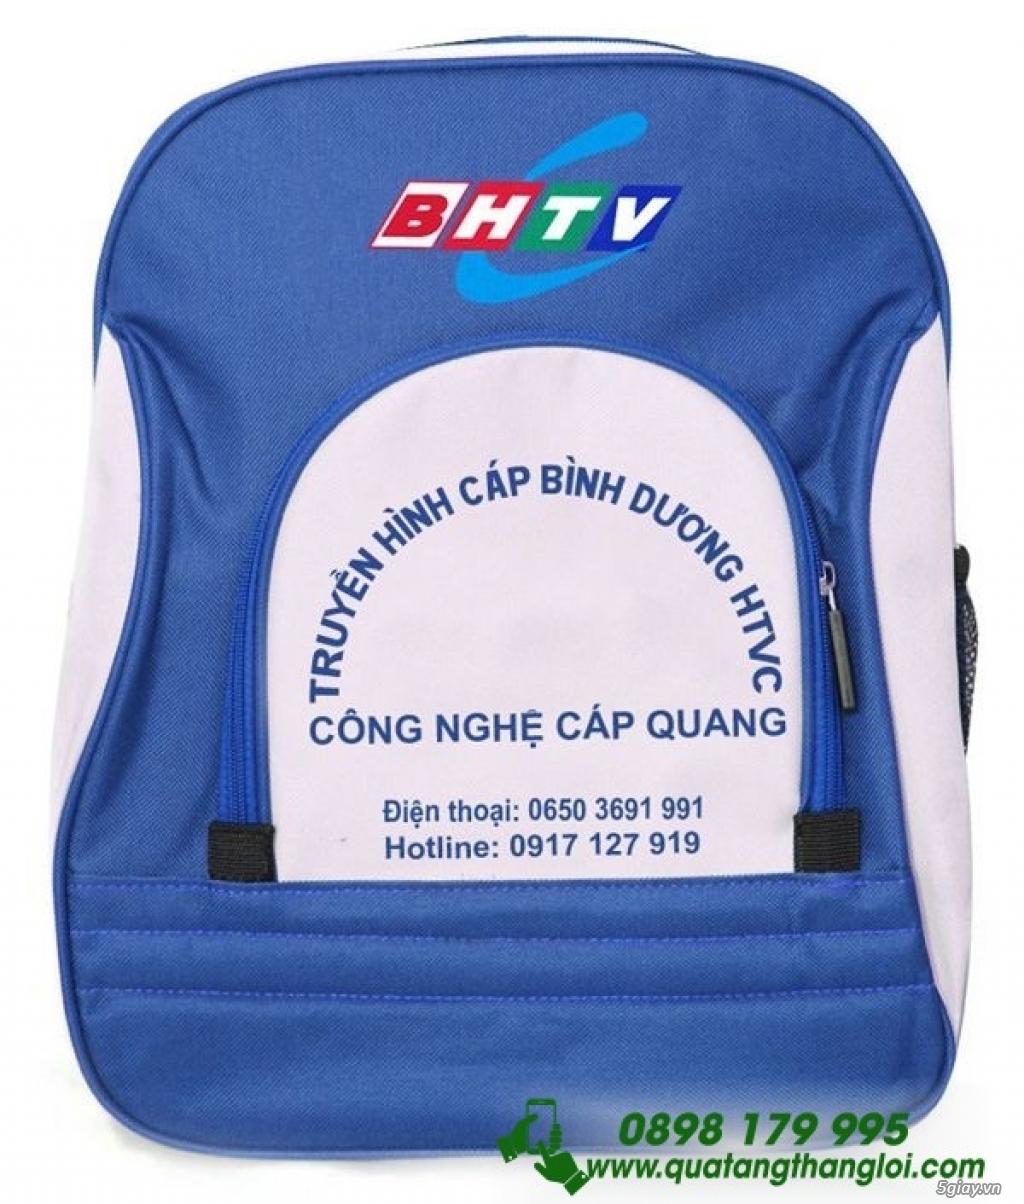 Ba Lô in Thêu logo Doanh nghiệp làm quà tặng - 4